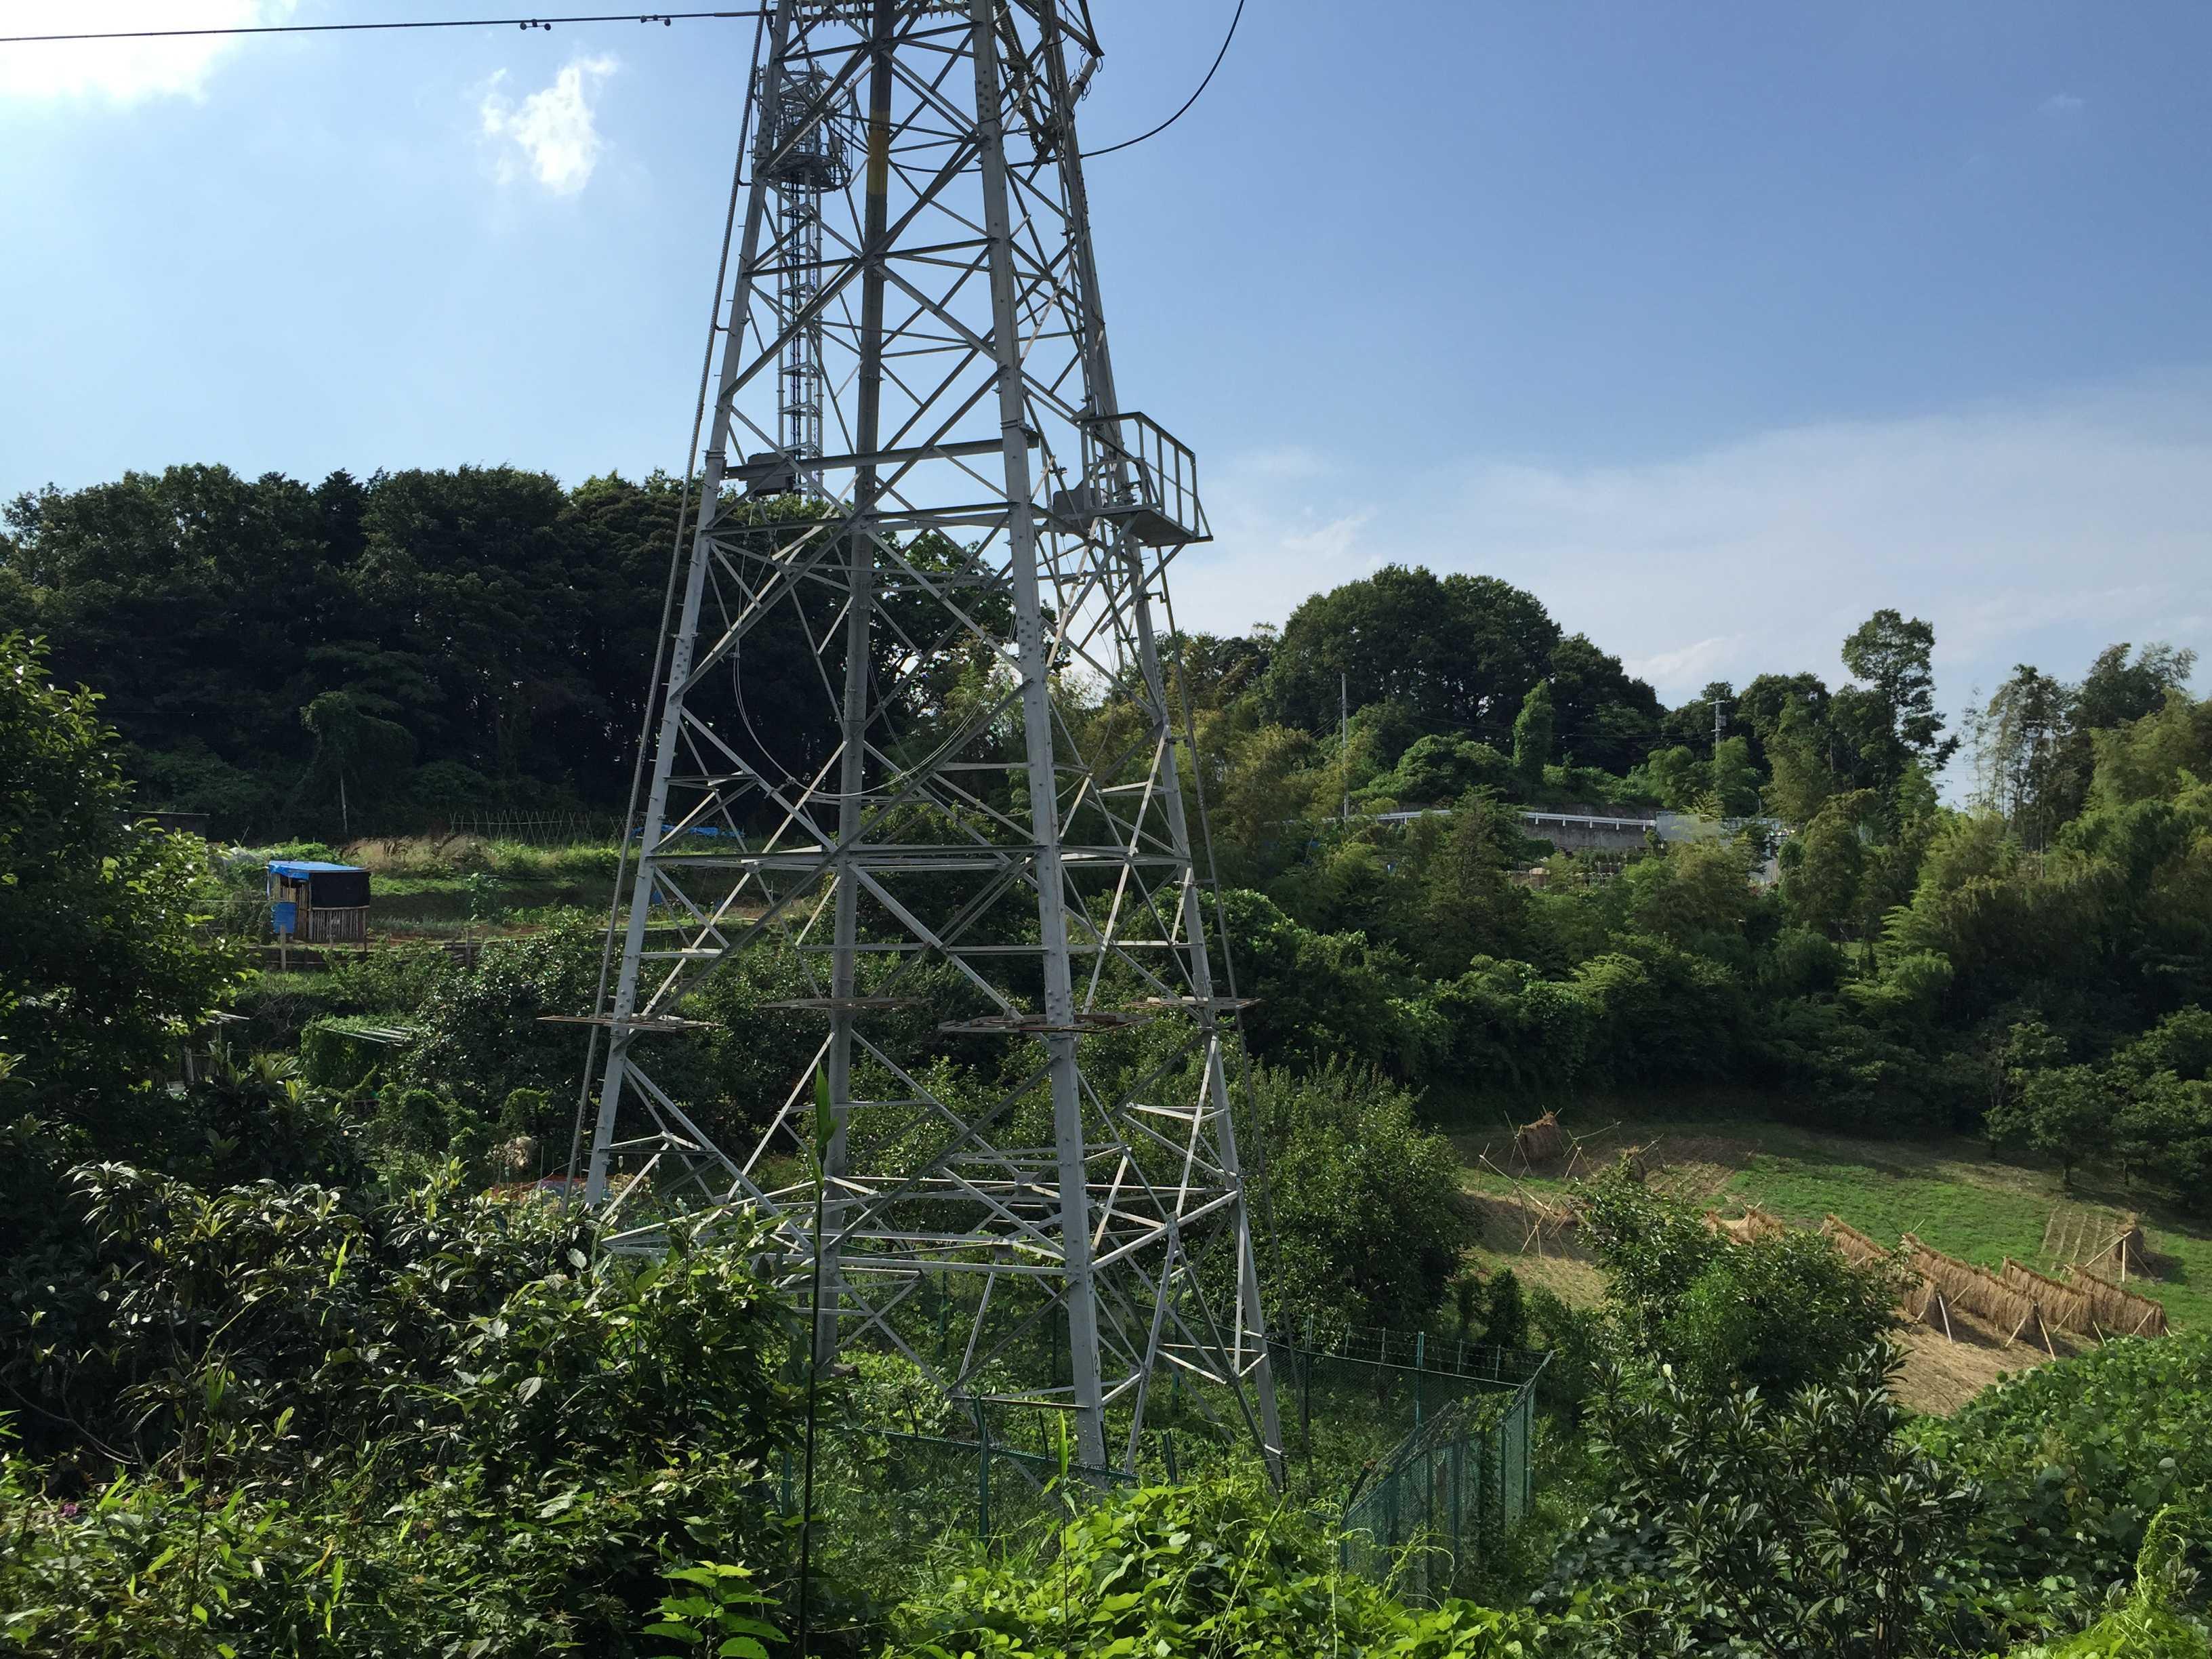 町田市小野路 - 送電鉄塔